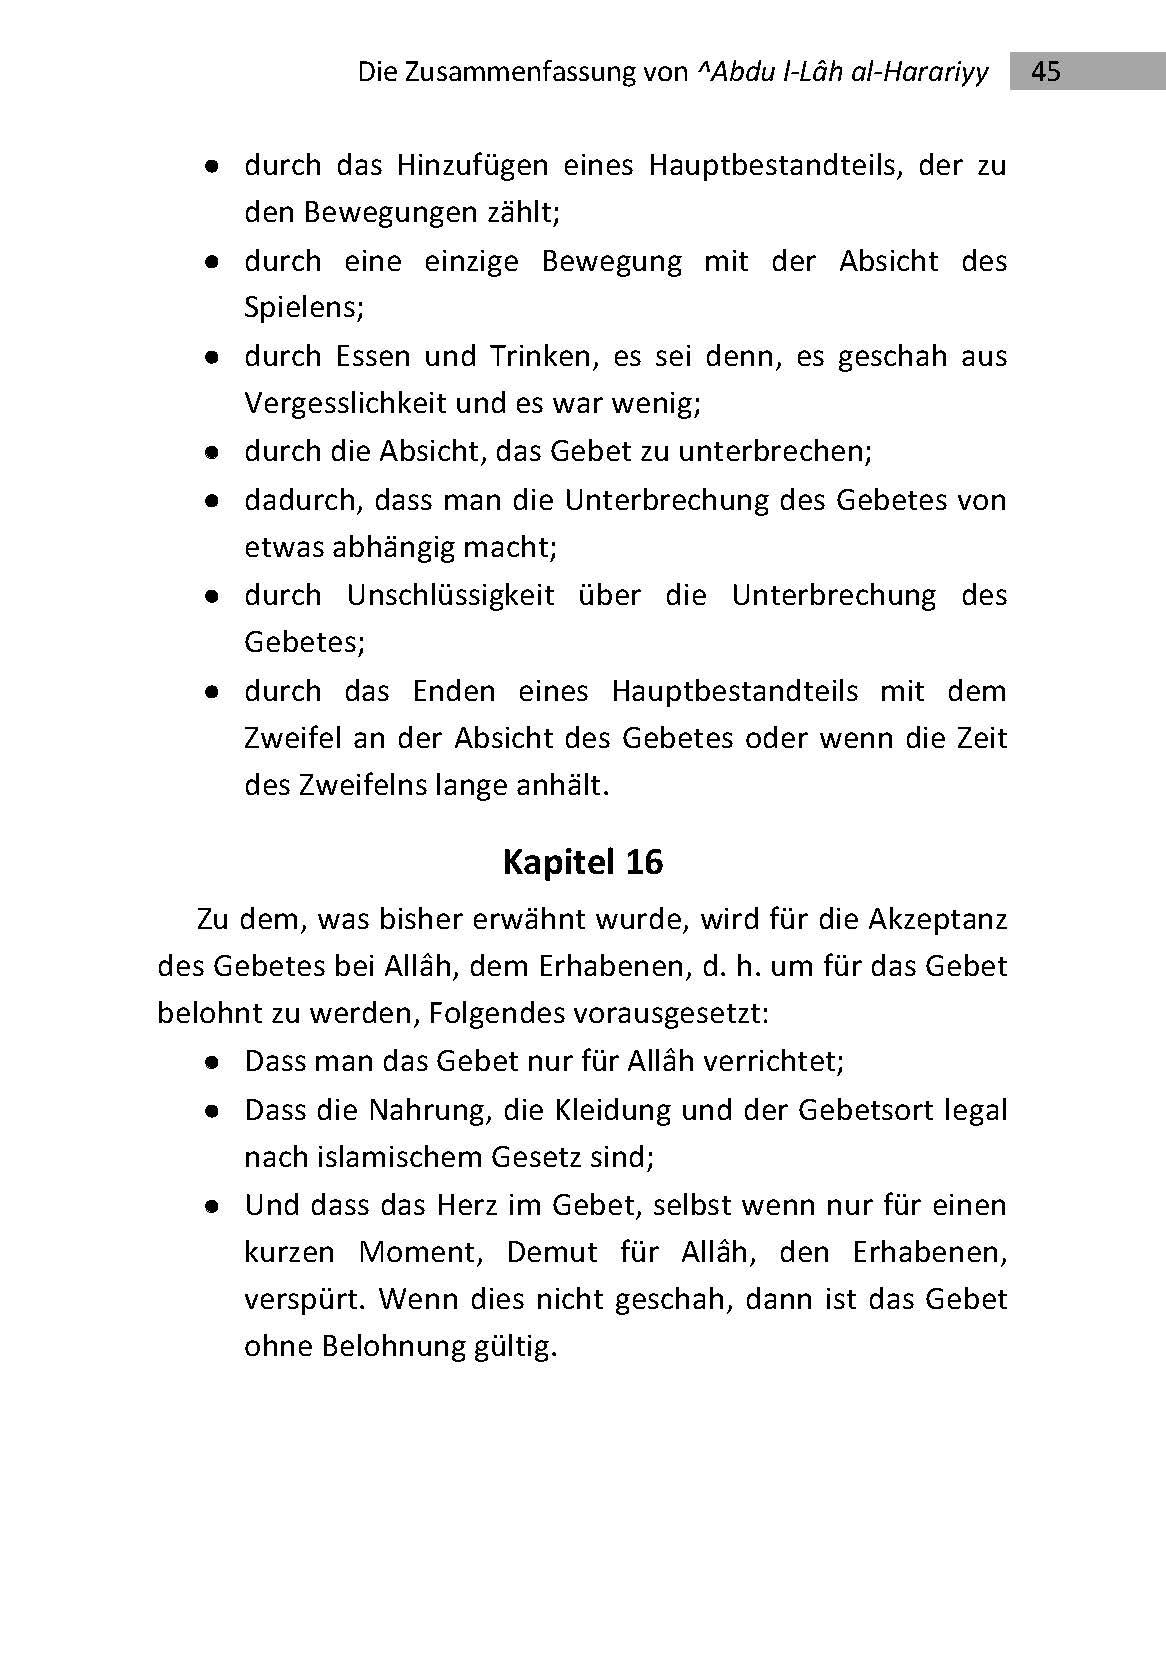 Die Zusammenfassung - 3. Auflage 2014_Seite_45